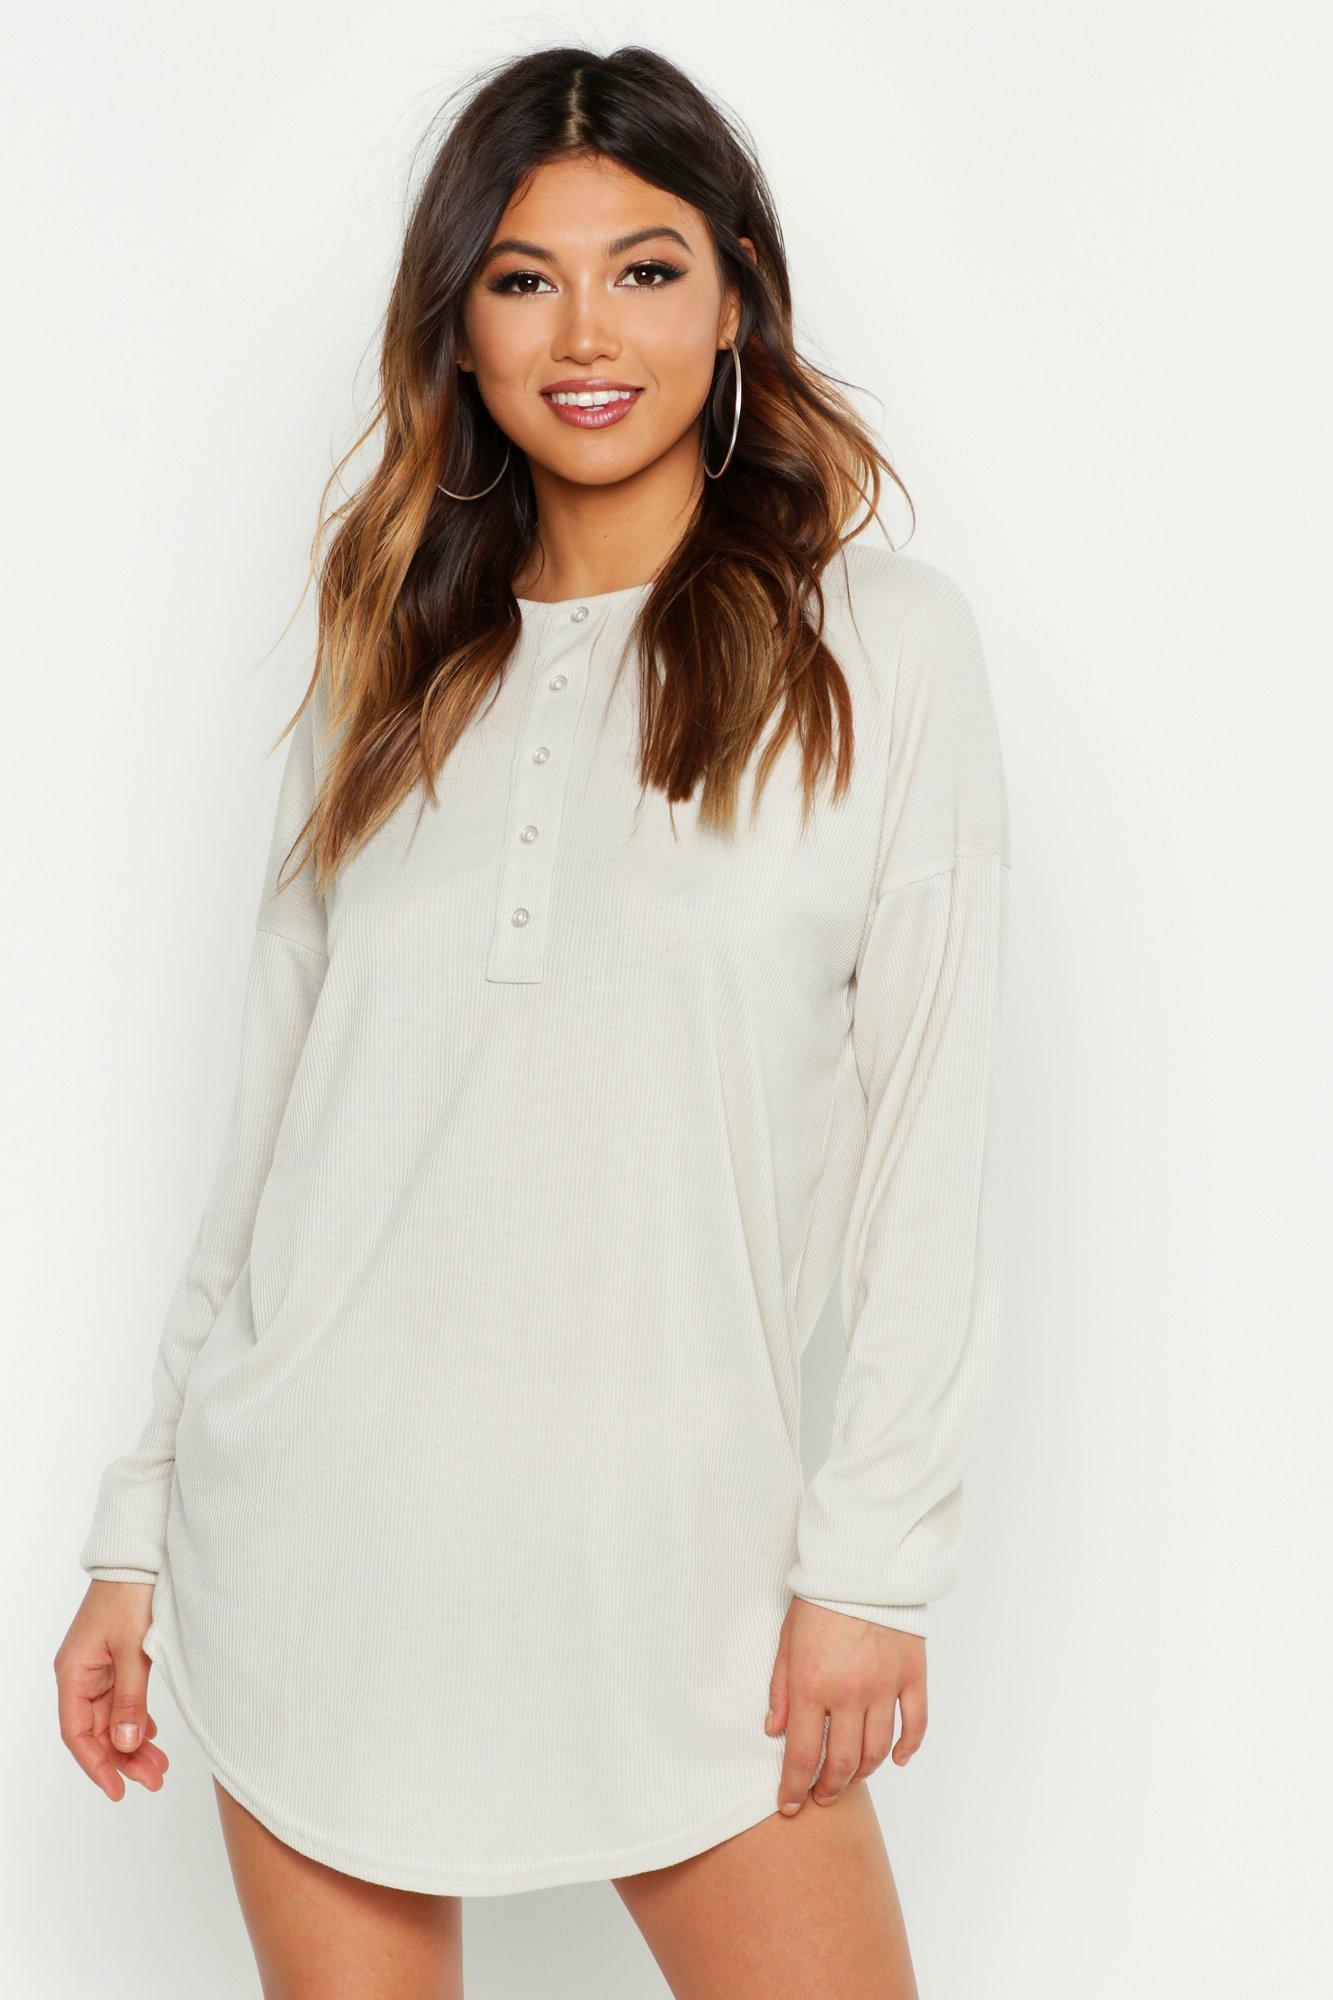 Womens Geripptes Nachthemd mit durchgehender Knopfleiste - Hellbeige - 36, Hellbeige - Boohoo.com